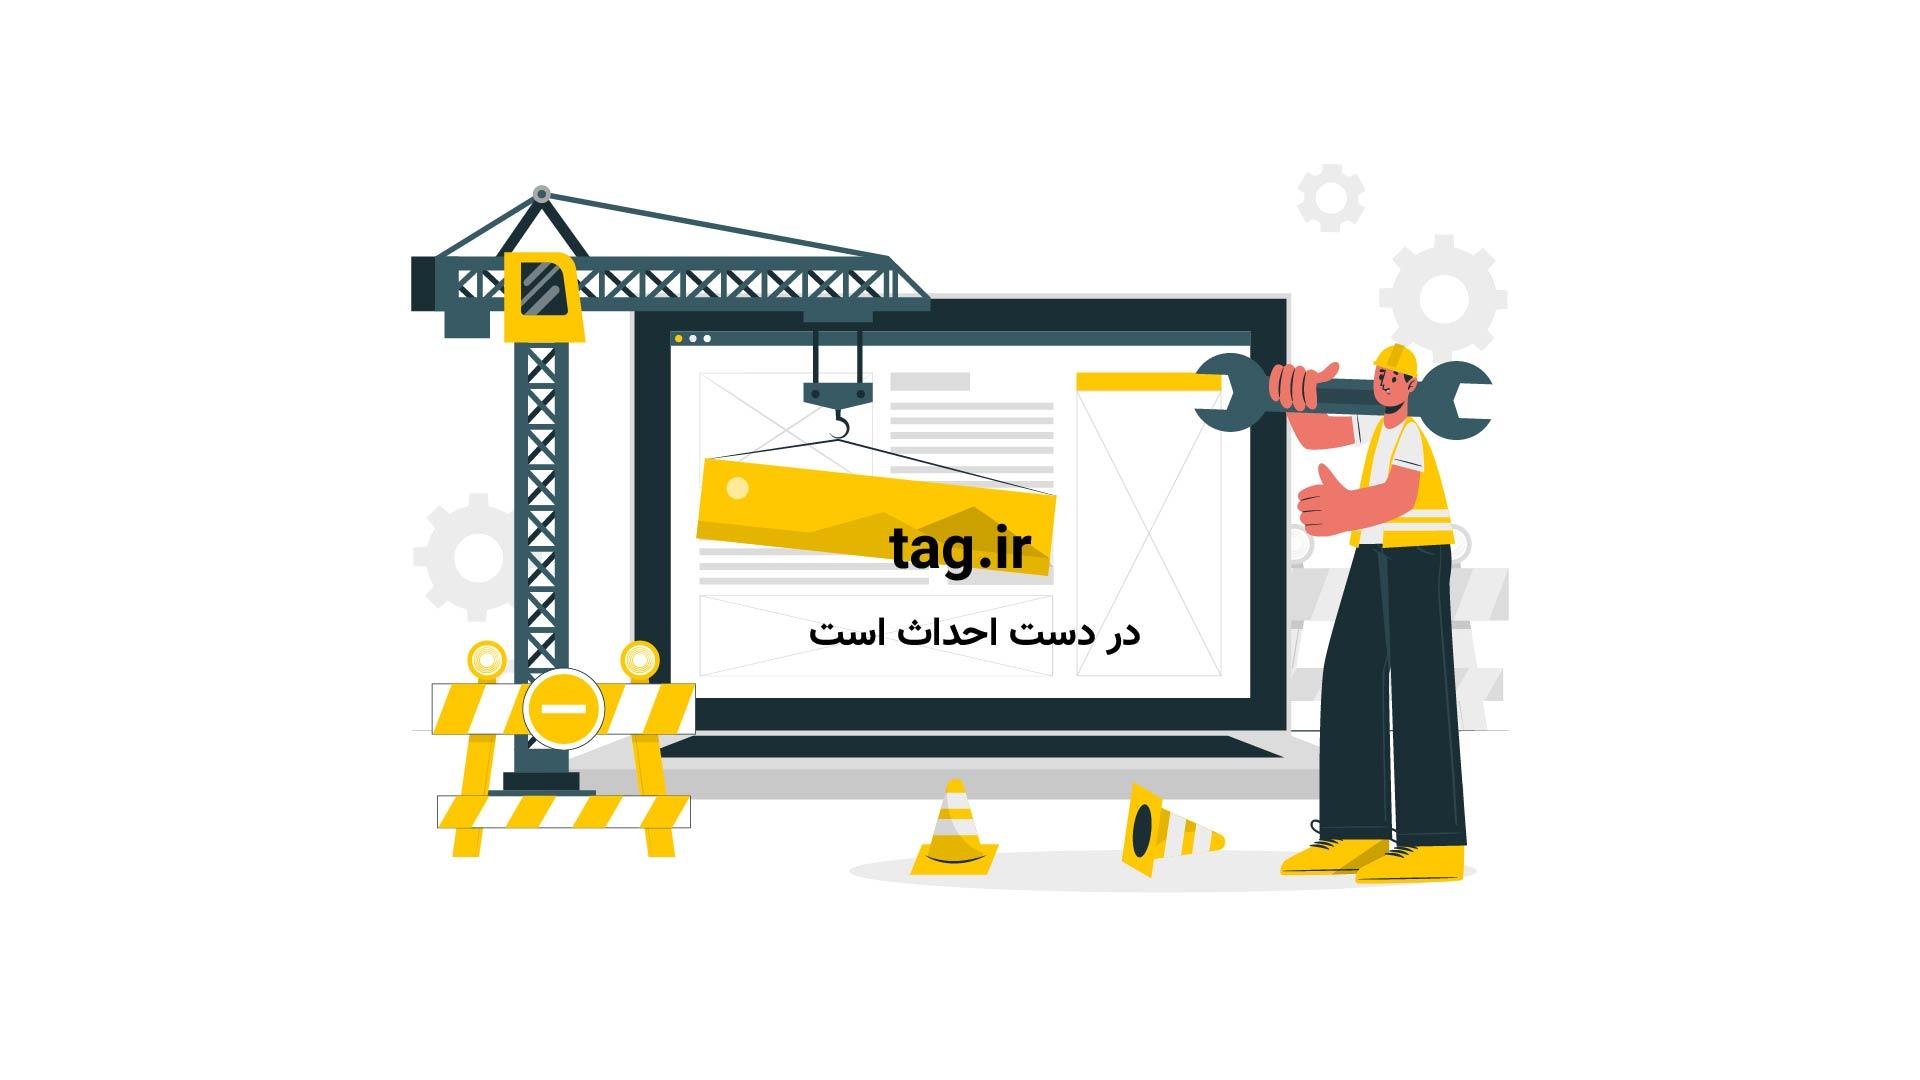 نقاشی با نمک | تگ